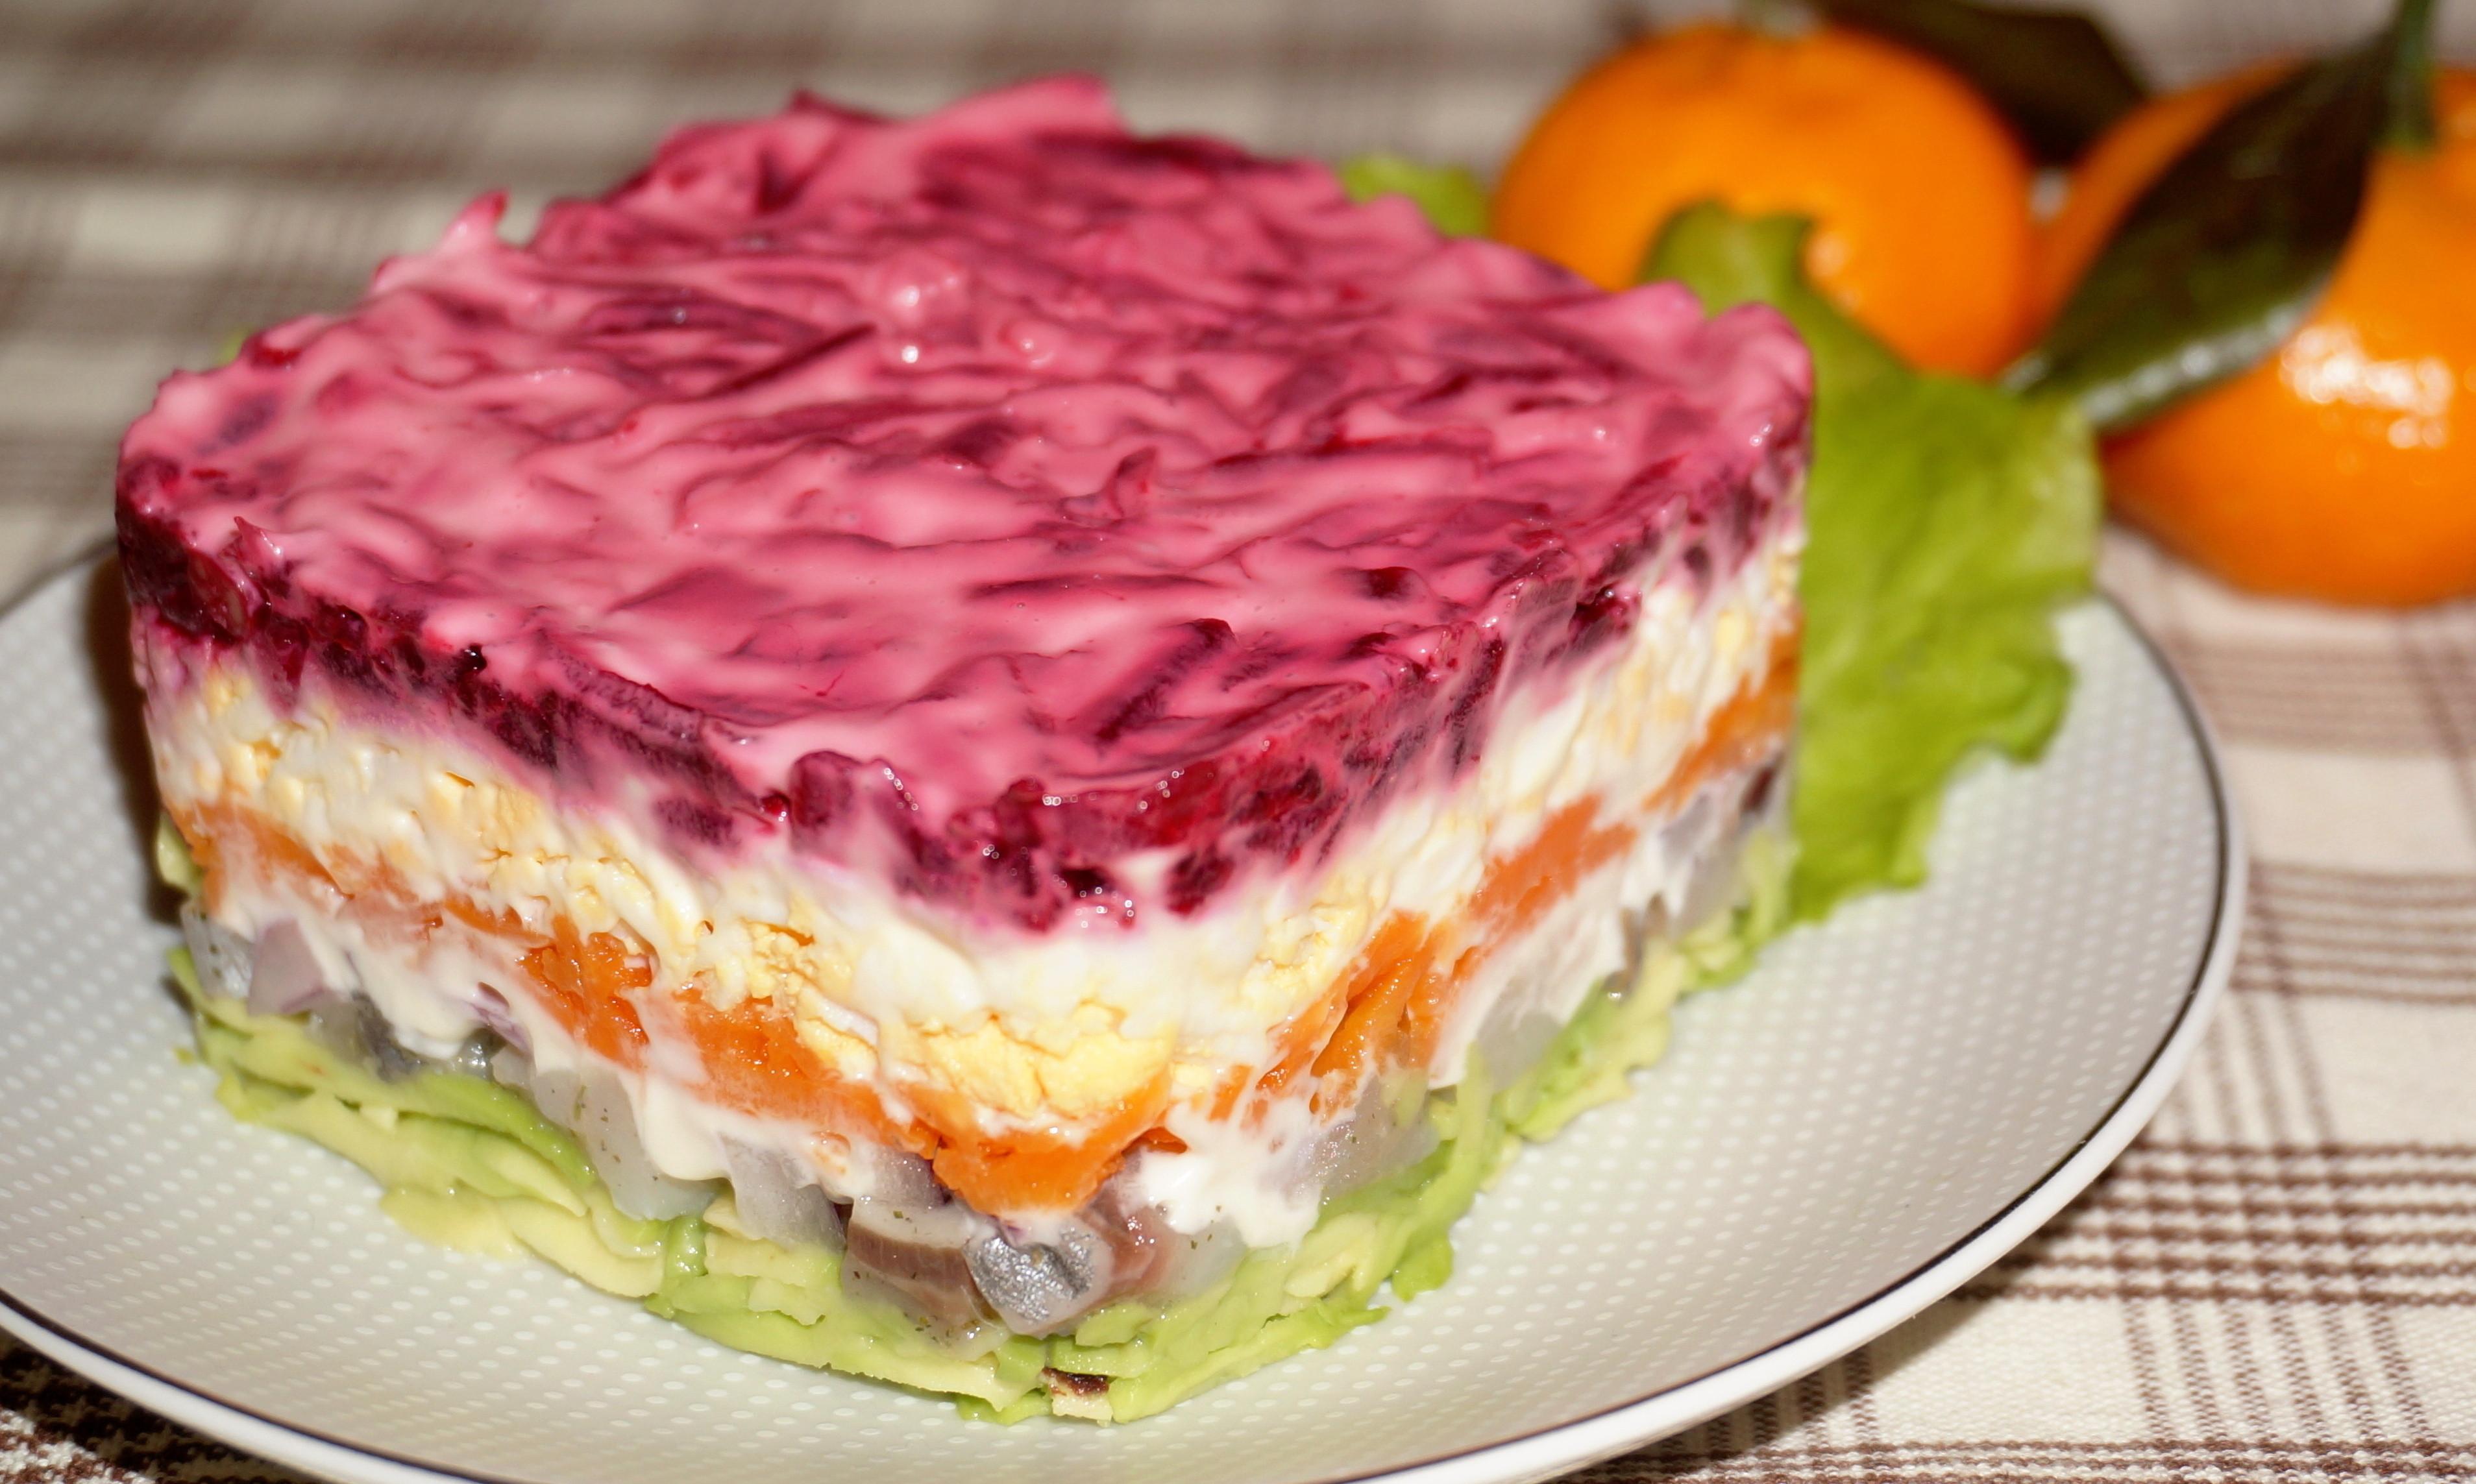 салат под шубой рецепт с фото пошагово первый взгляд она